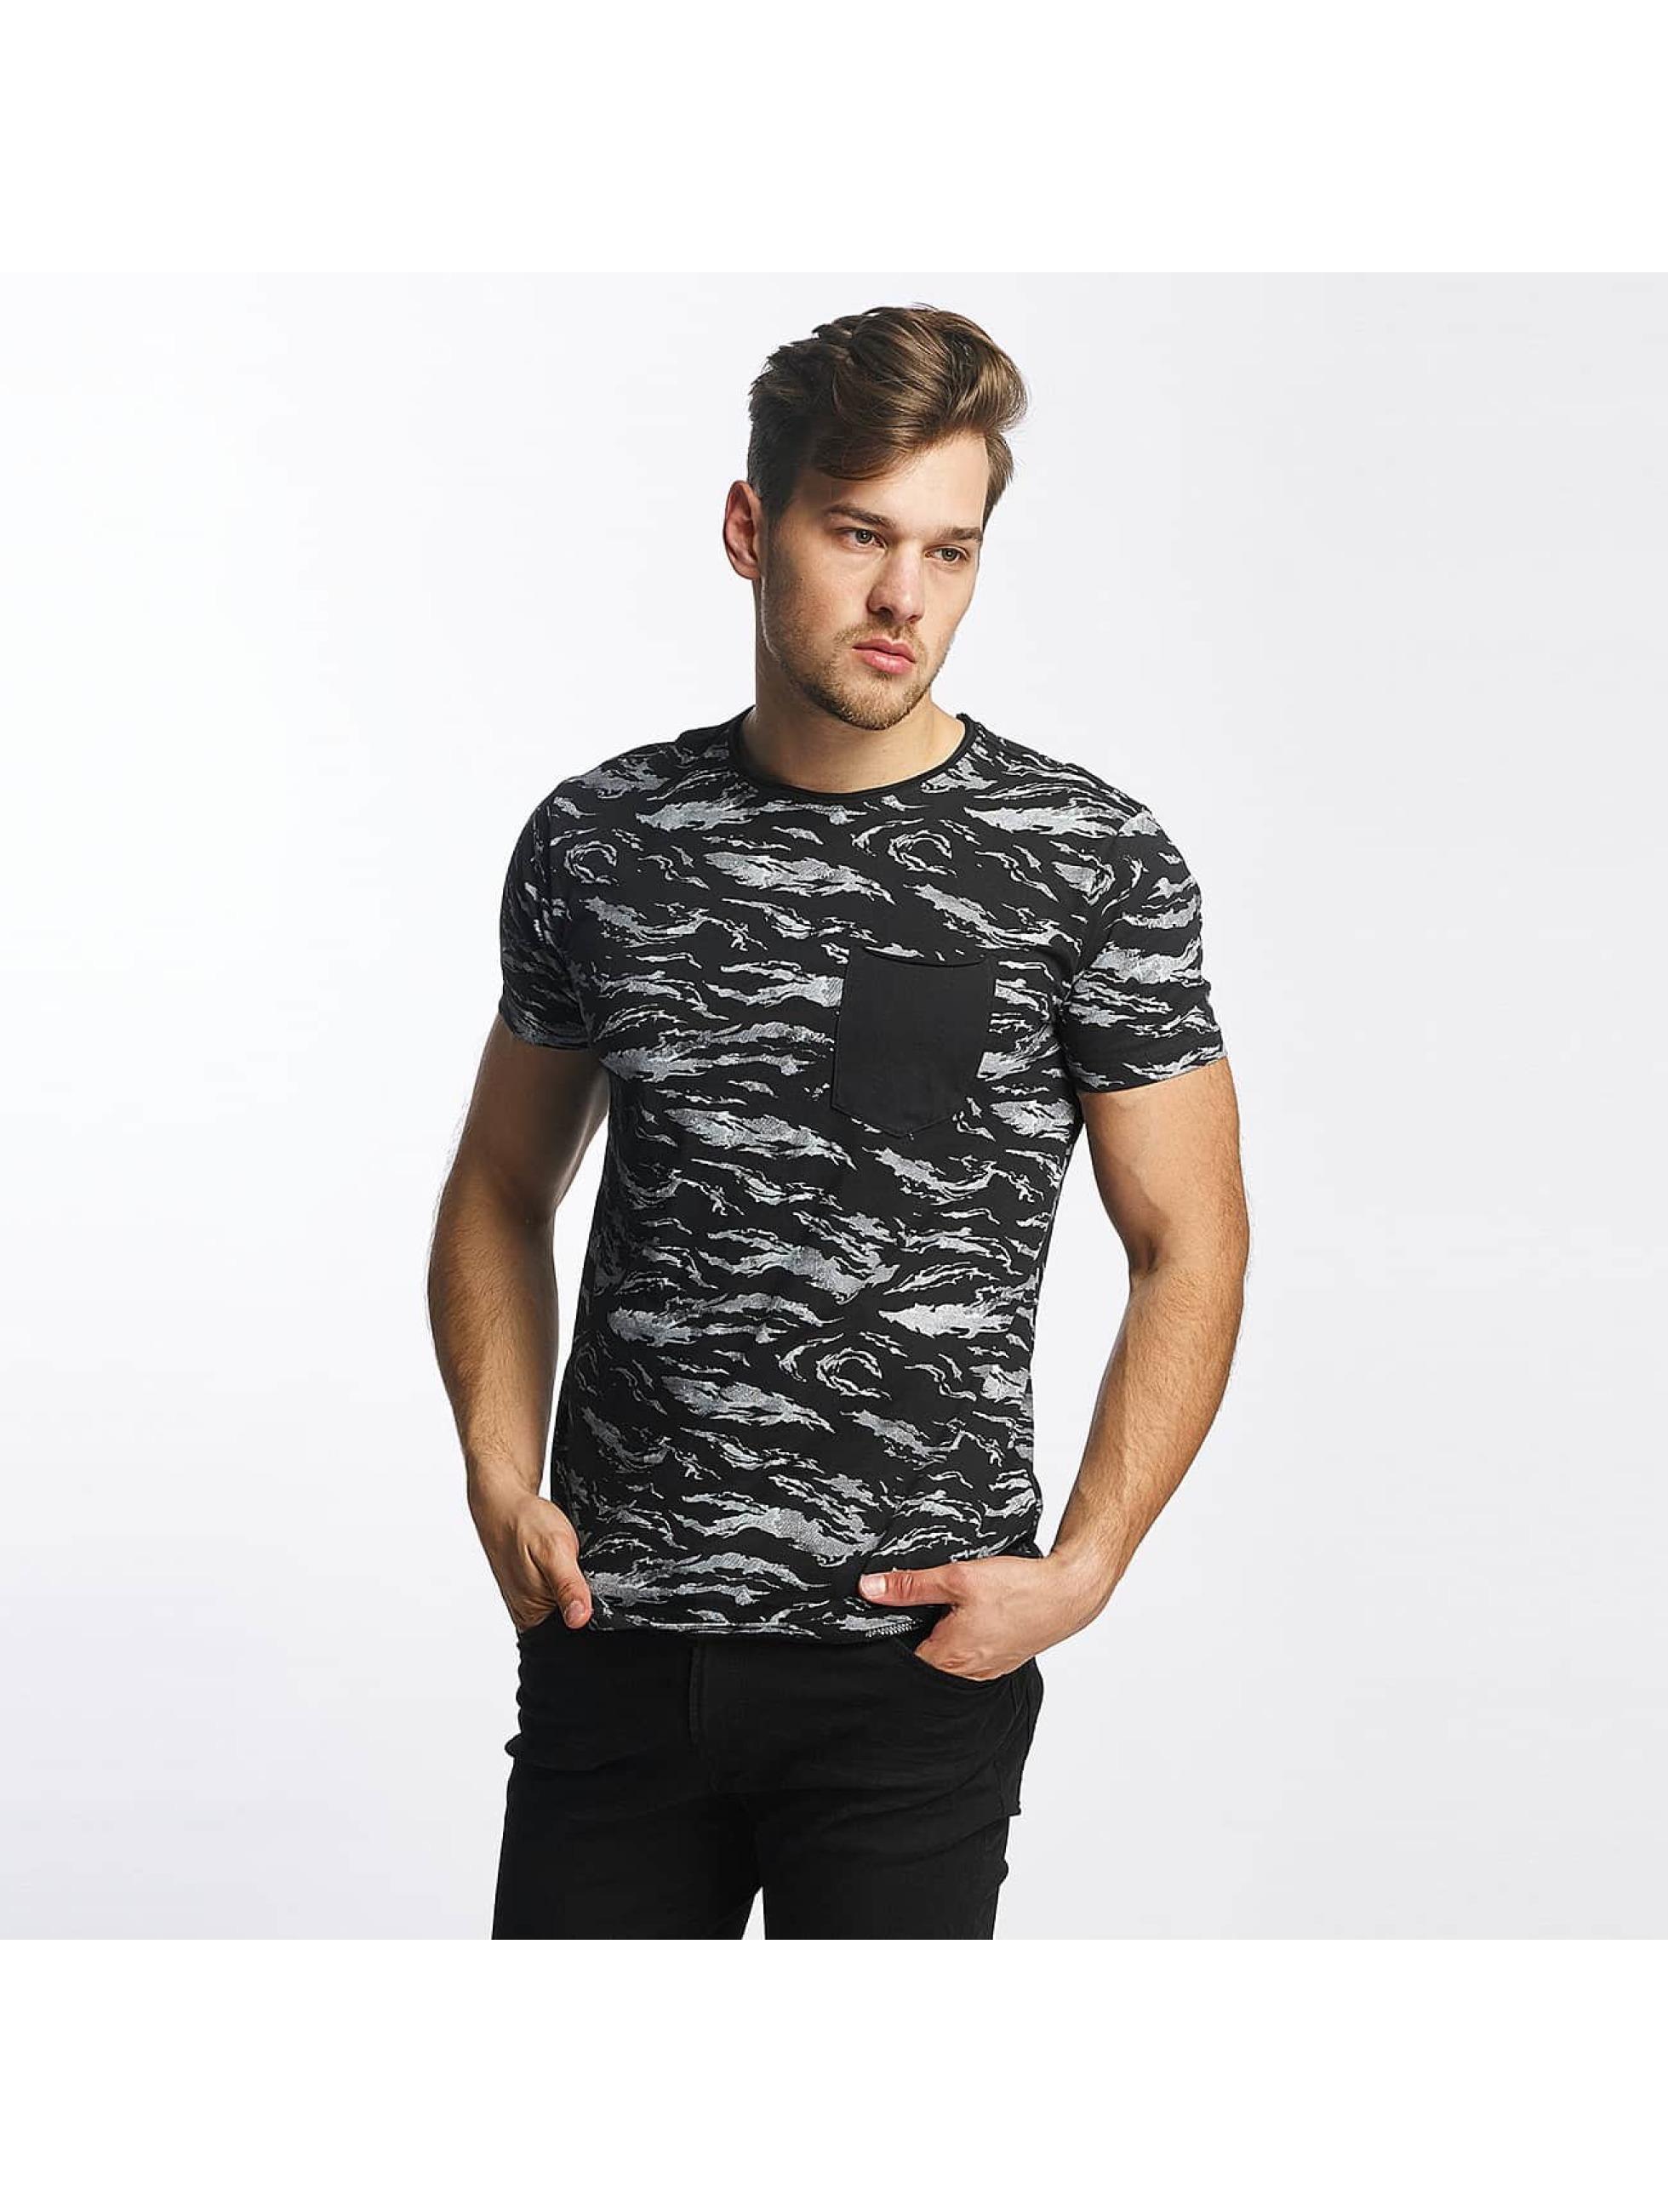 SHINE Original T-Shirt All Over Print black